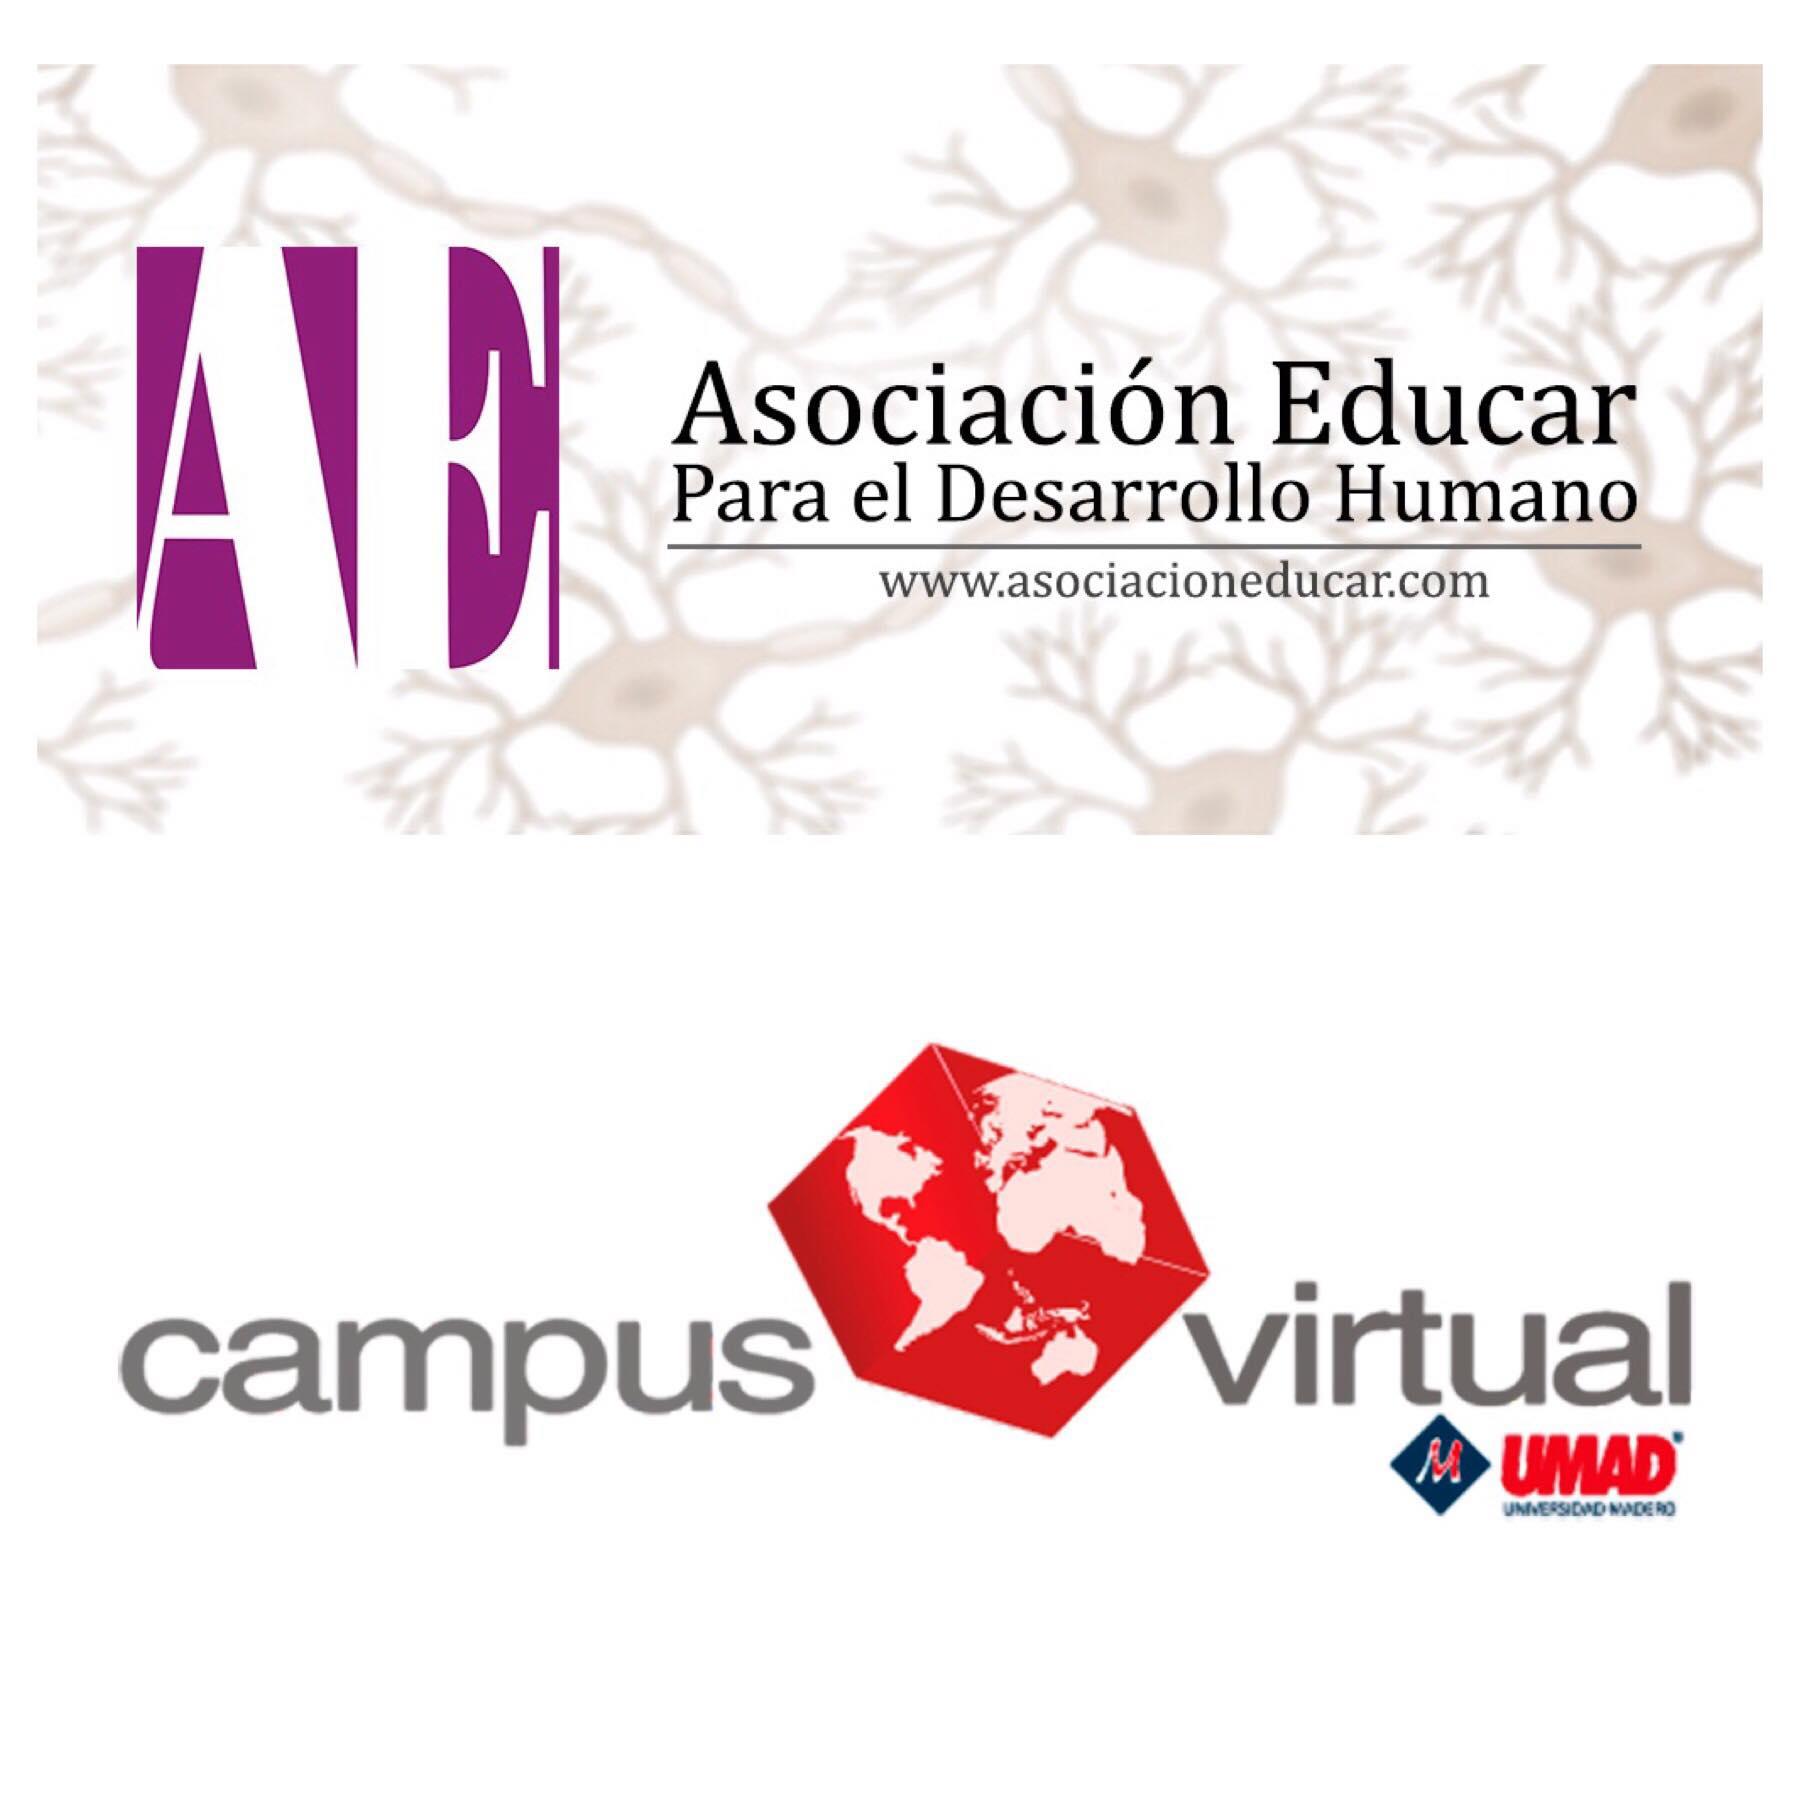 Campus Virtual UMAD estrecha lazos con Asociaci?n Educar de Argentina